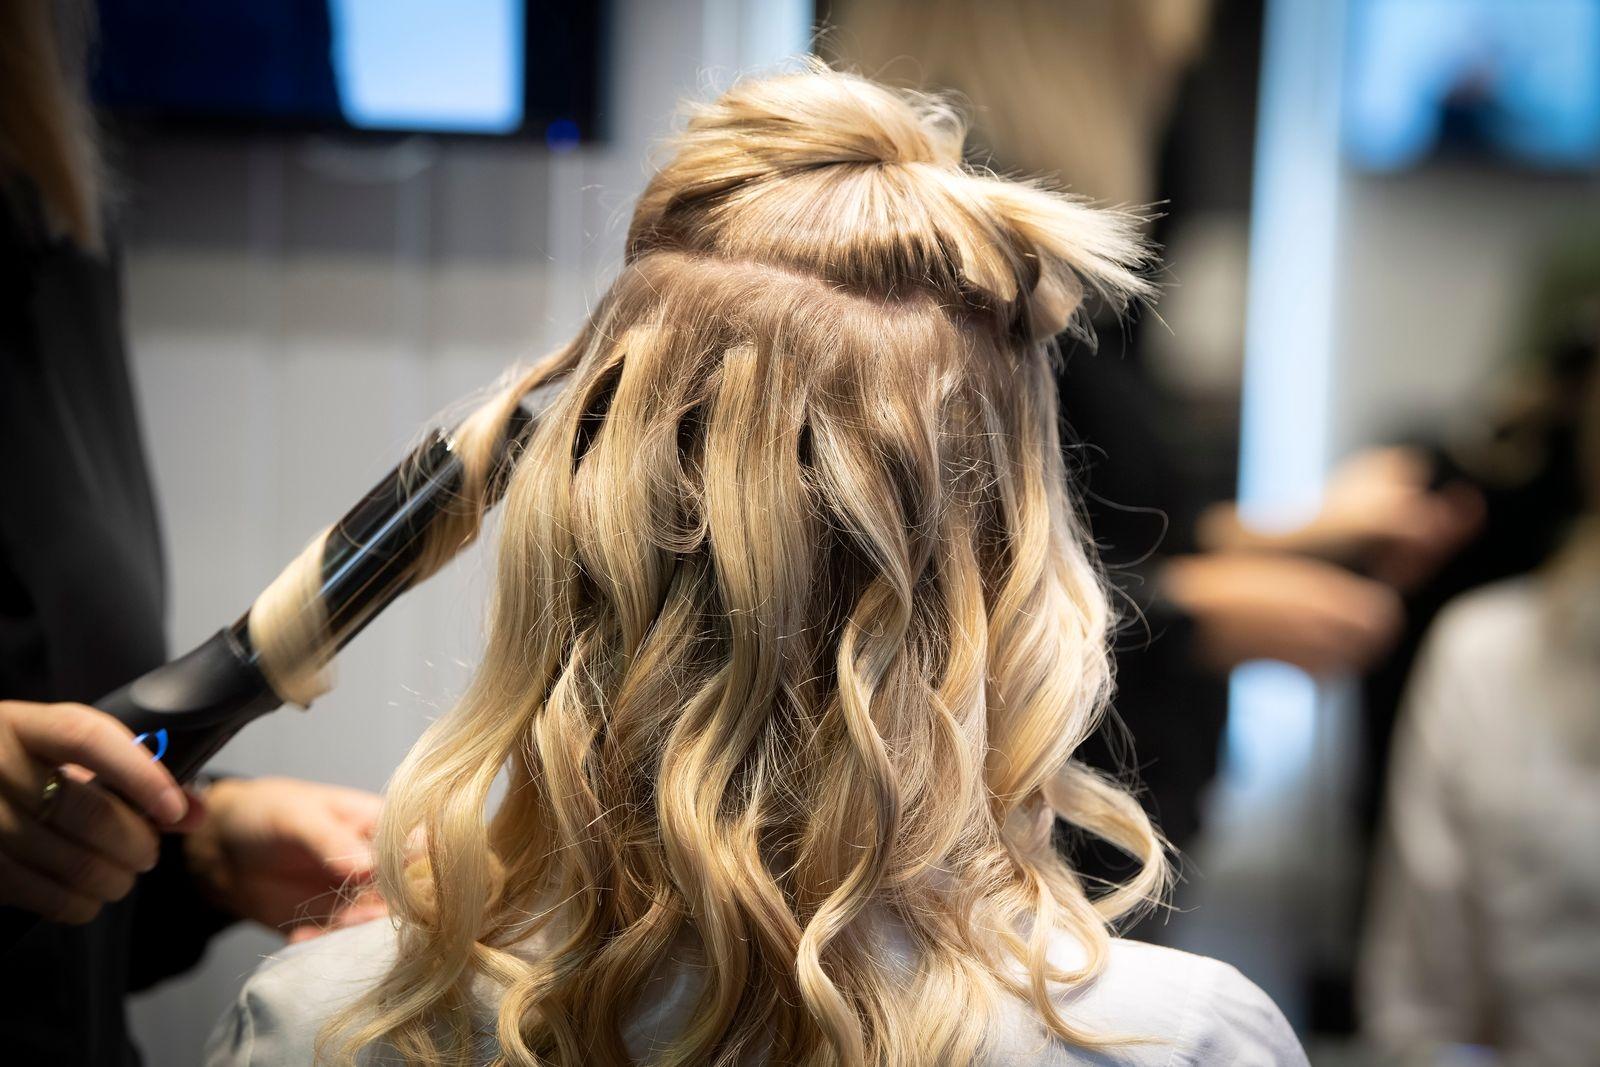 1. Börja med att locka håret eller sov med flätor för att skapa extra textur. 2. Dela in håret från öra till öra och dela upp det bakre partiet i tre till fem delar beroende på hårets tjocklek.